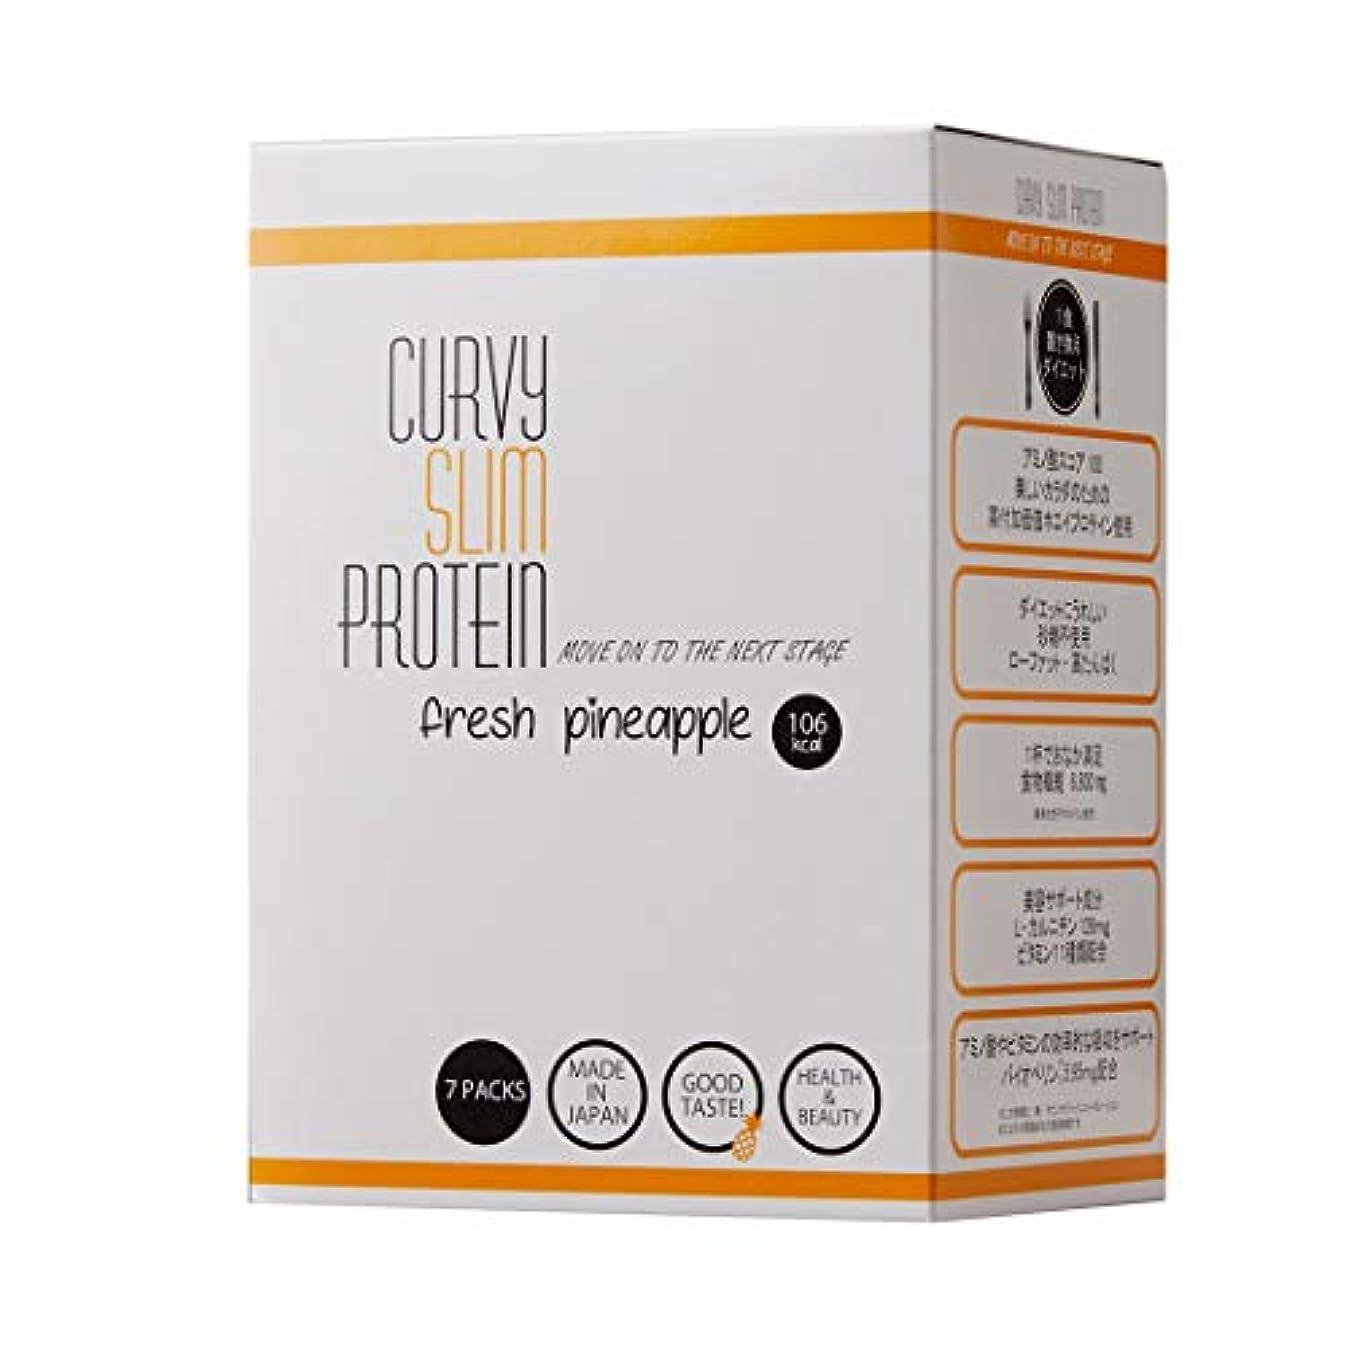 出口推論傘カーヴィースリム® プロテイン フレッシュパイナップル 置き換え ダイエット 7包(7食分)